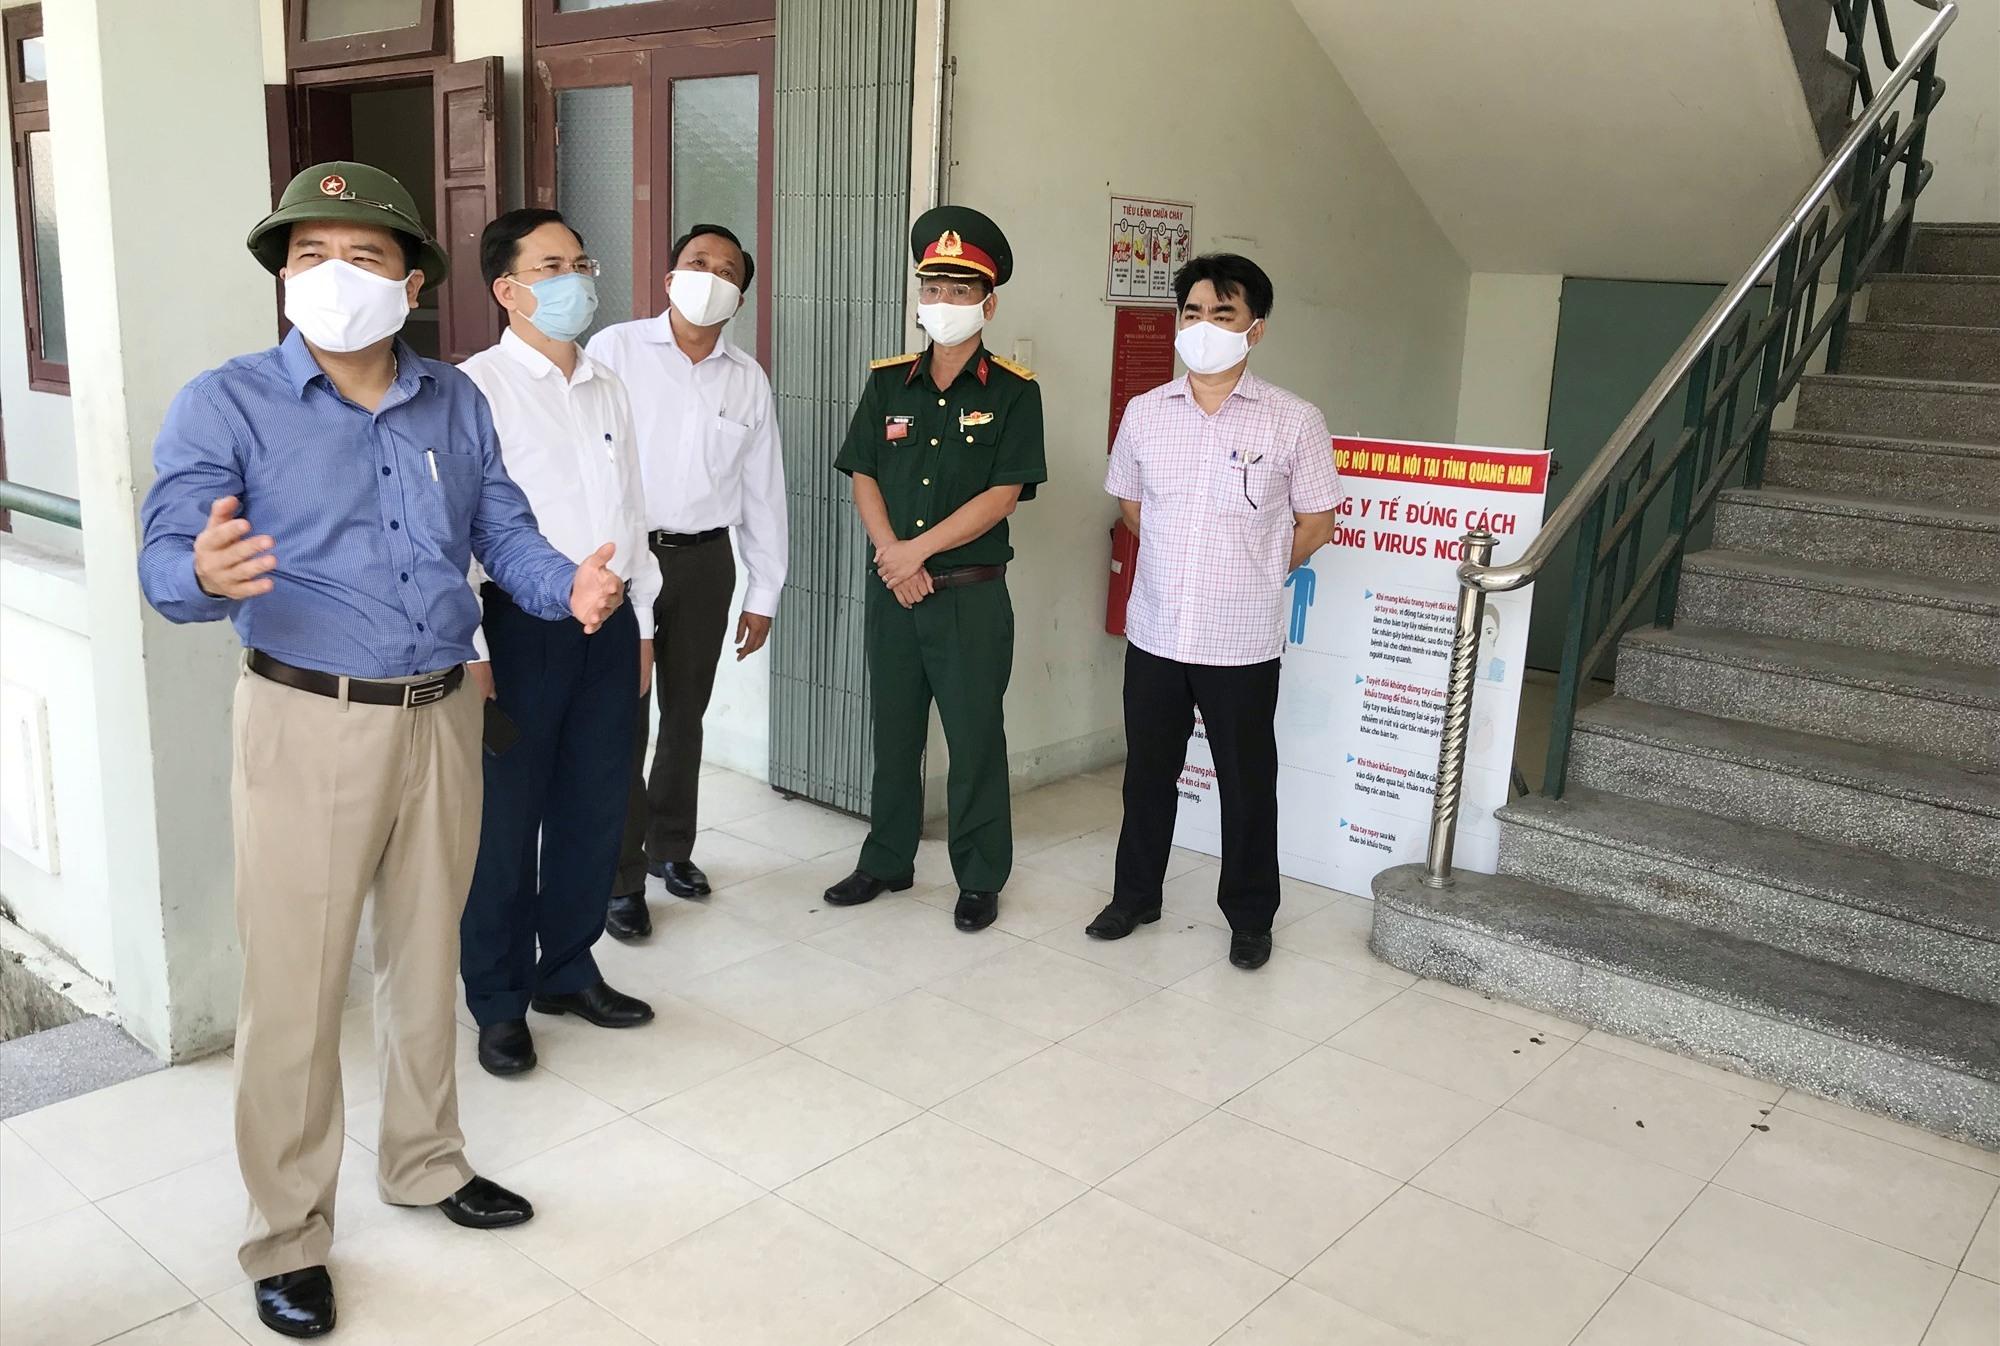 Lãnh đạo tỉnh kiểm tra một khu cách ly tập trung tại Điện Bàn. Ảnh: Q.T